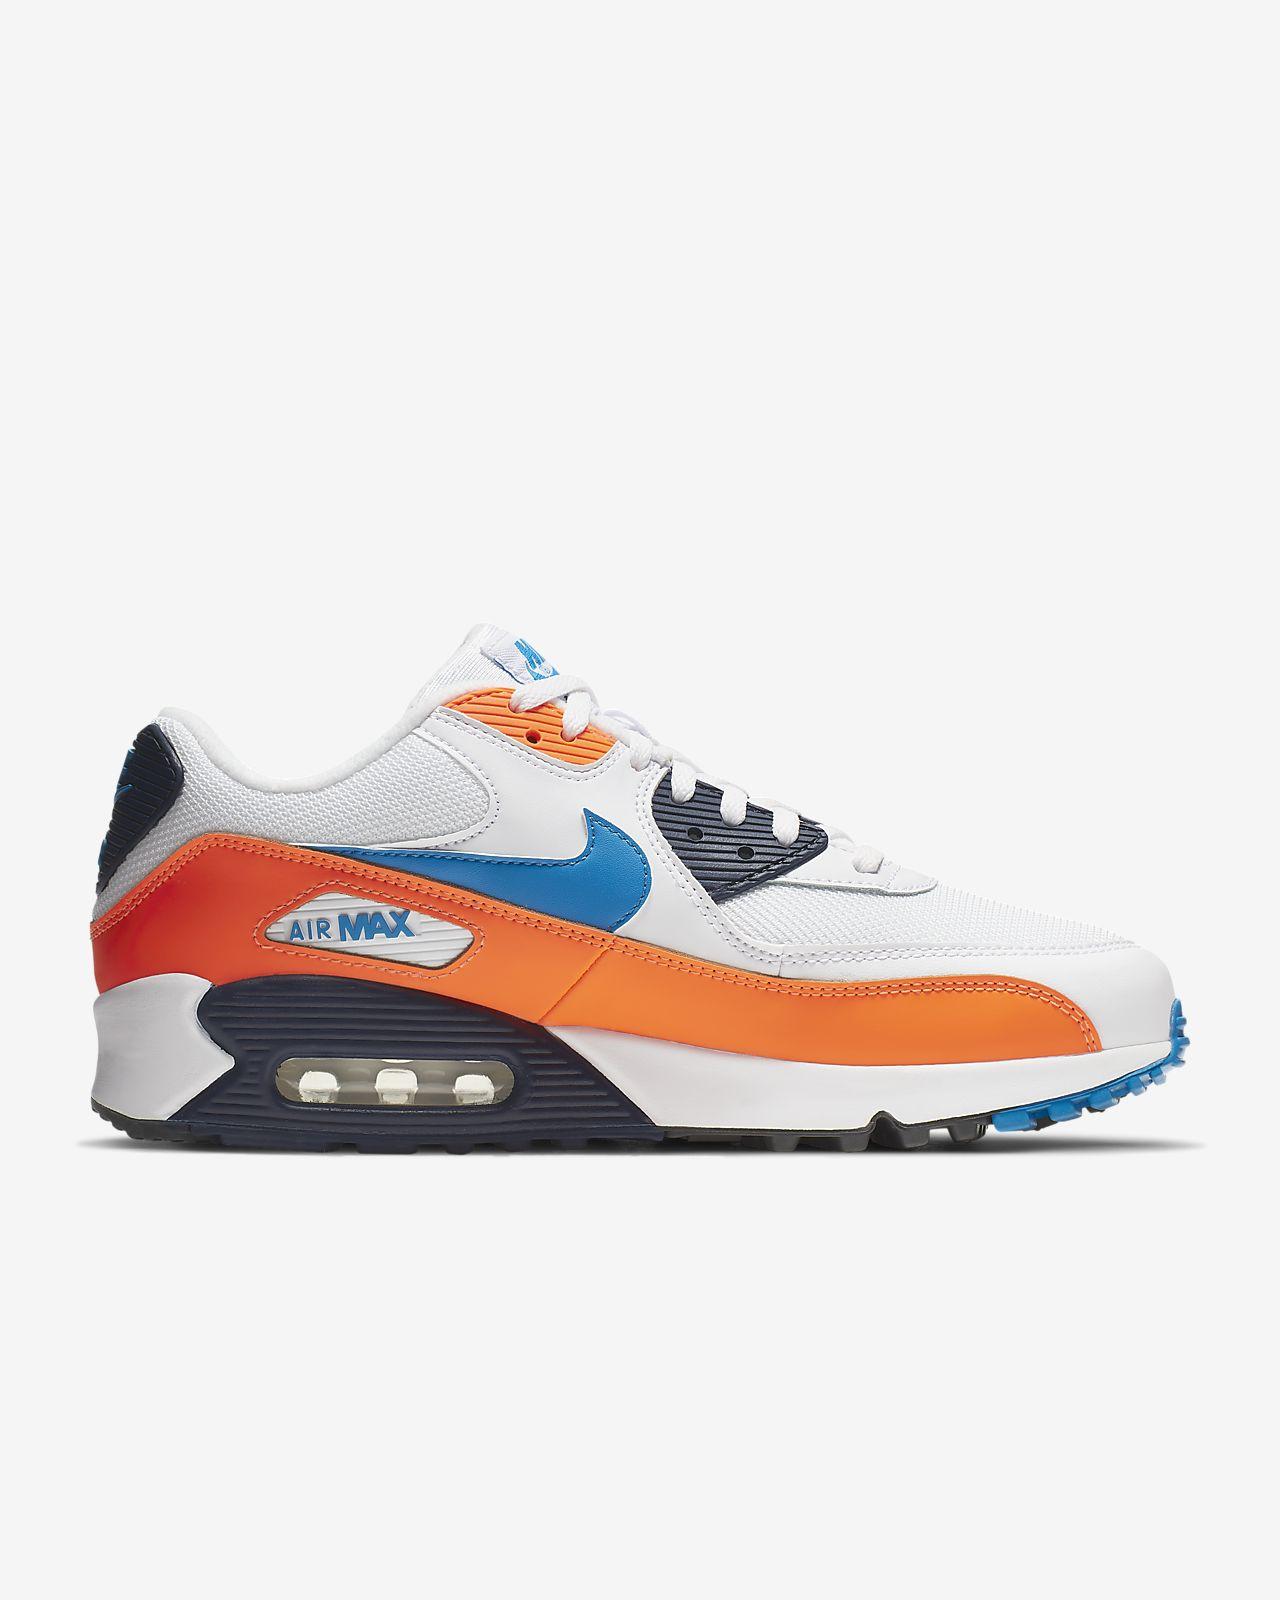 grossiste aa4a4 e17c6 Nike Air Max 90 Essential Zapatillas - Hombre